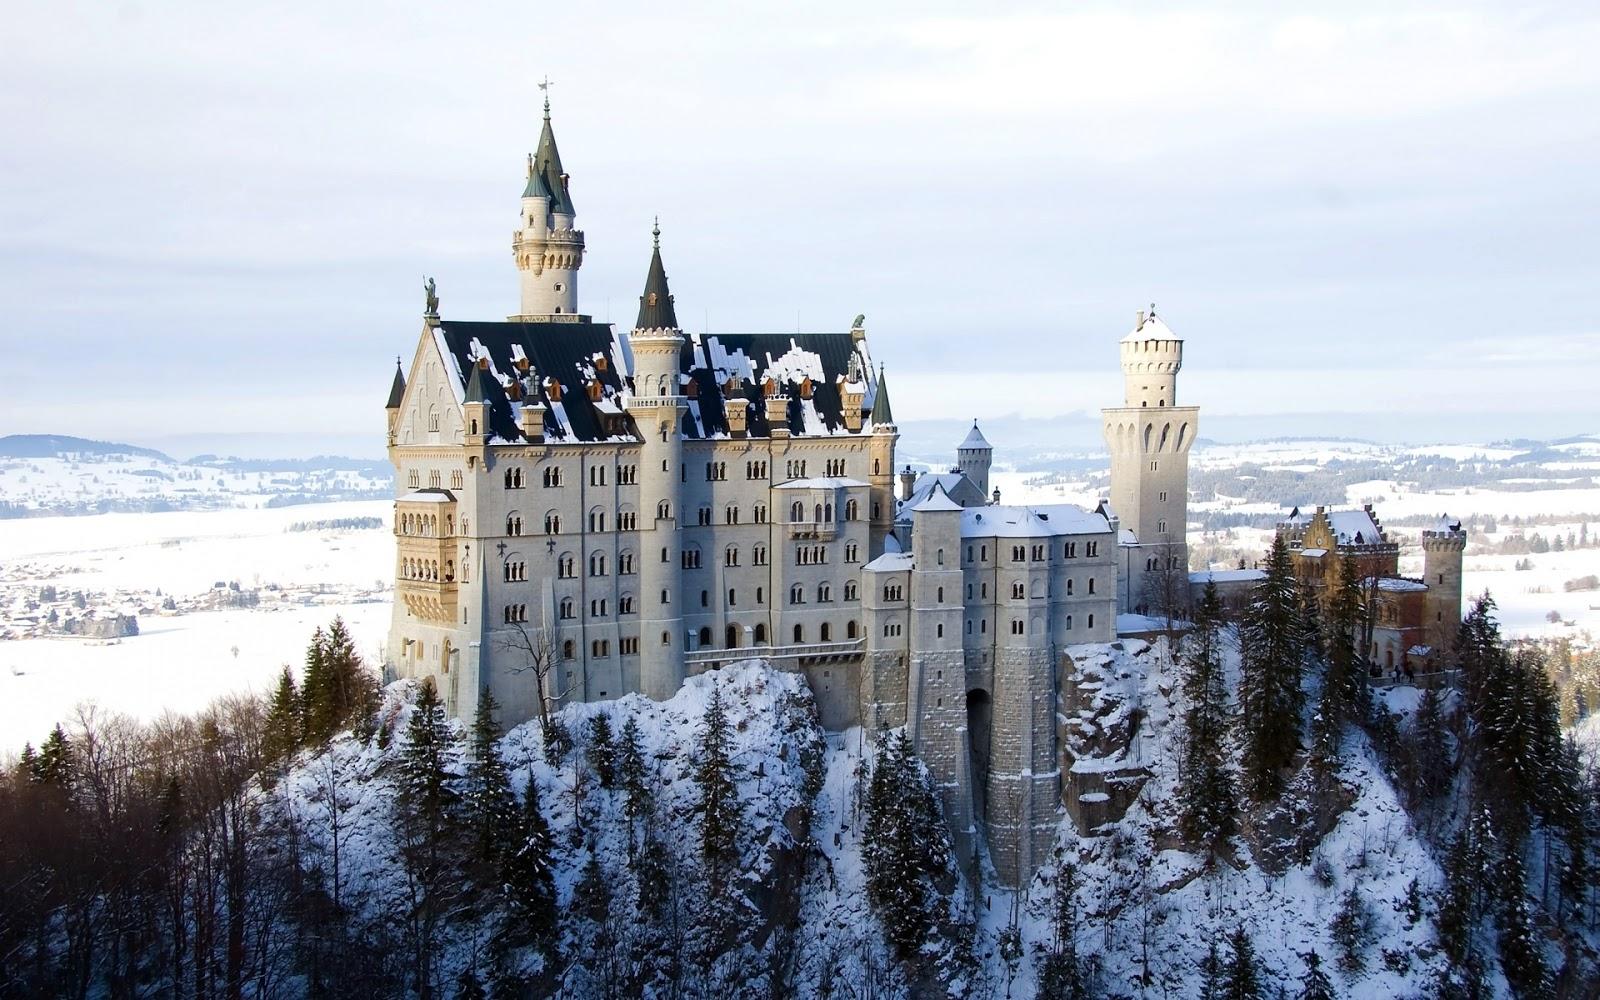 castelo-da-disney-na-alemanha